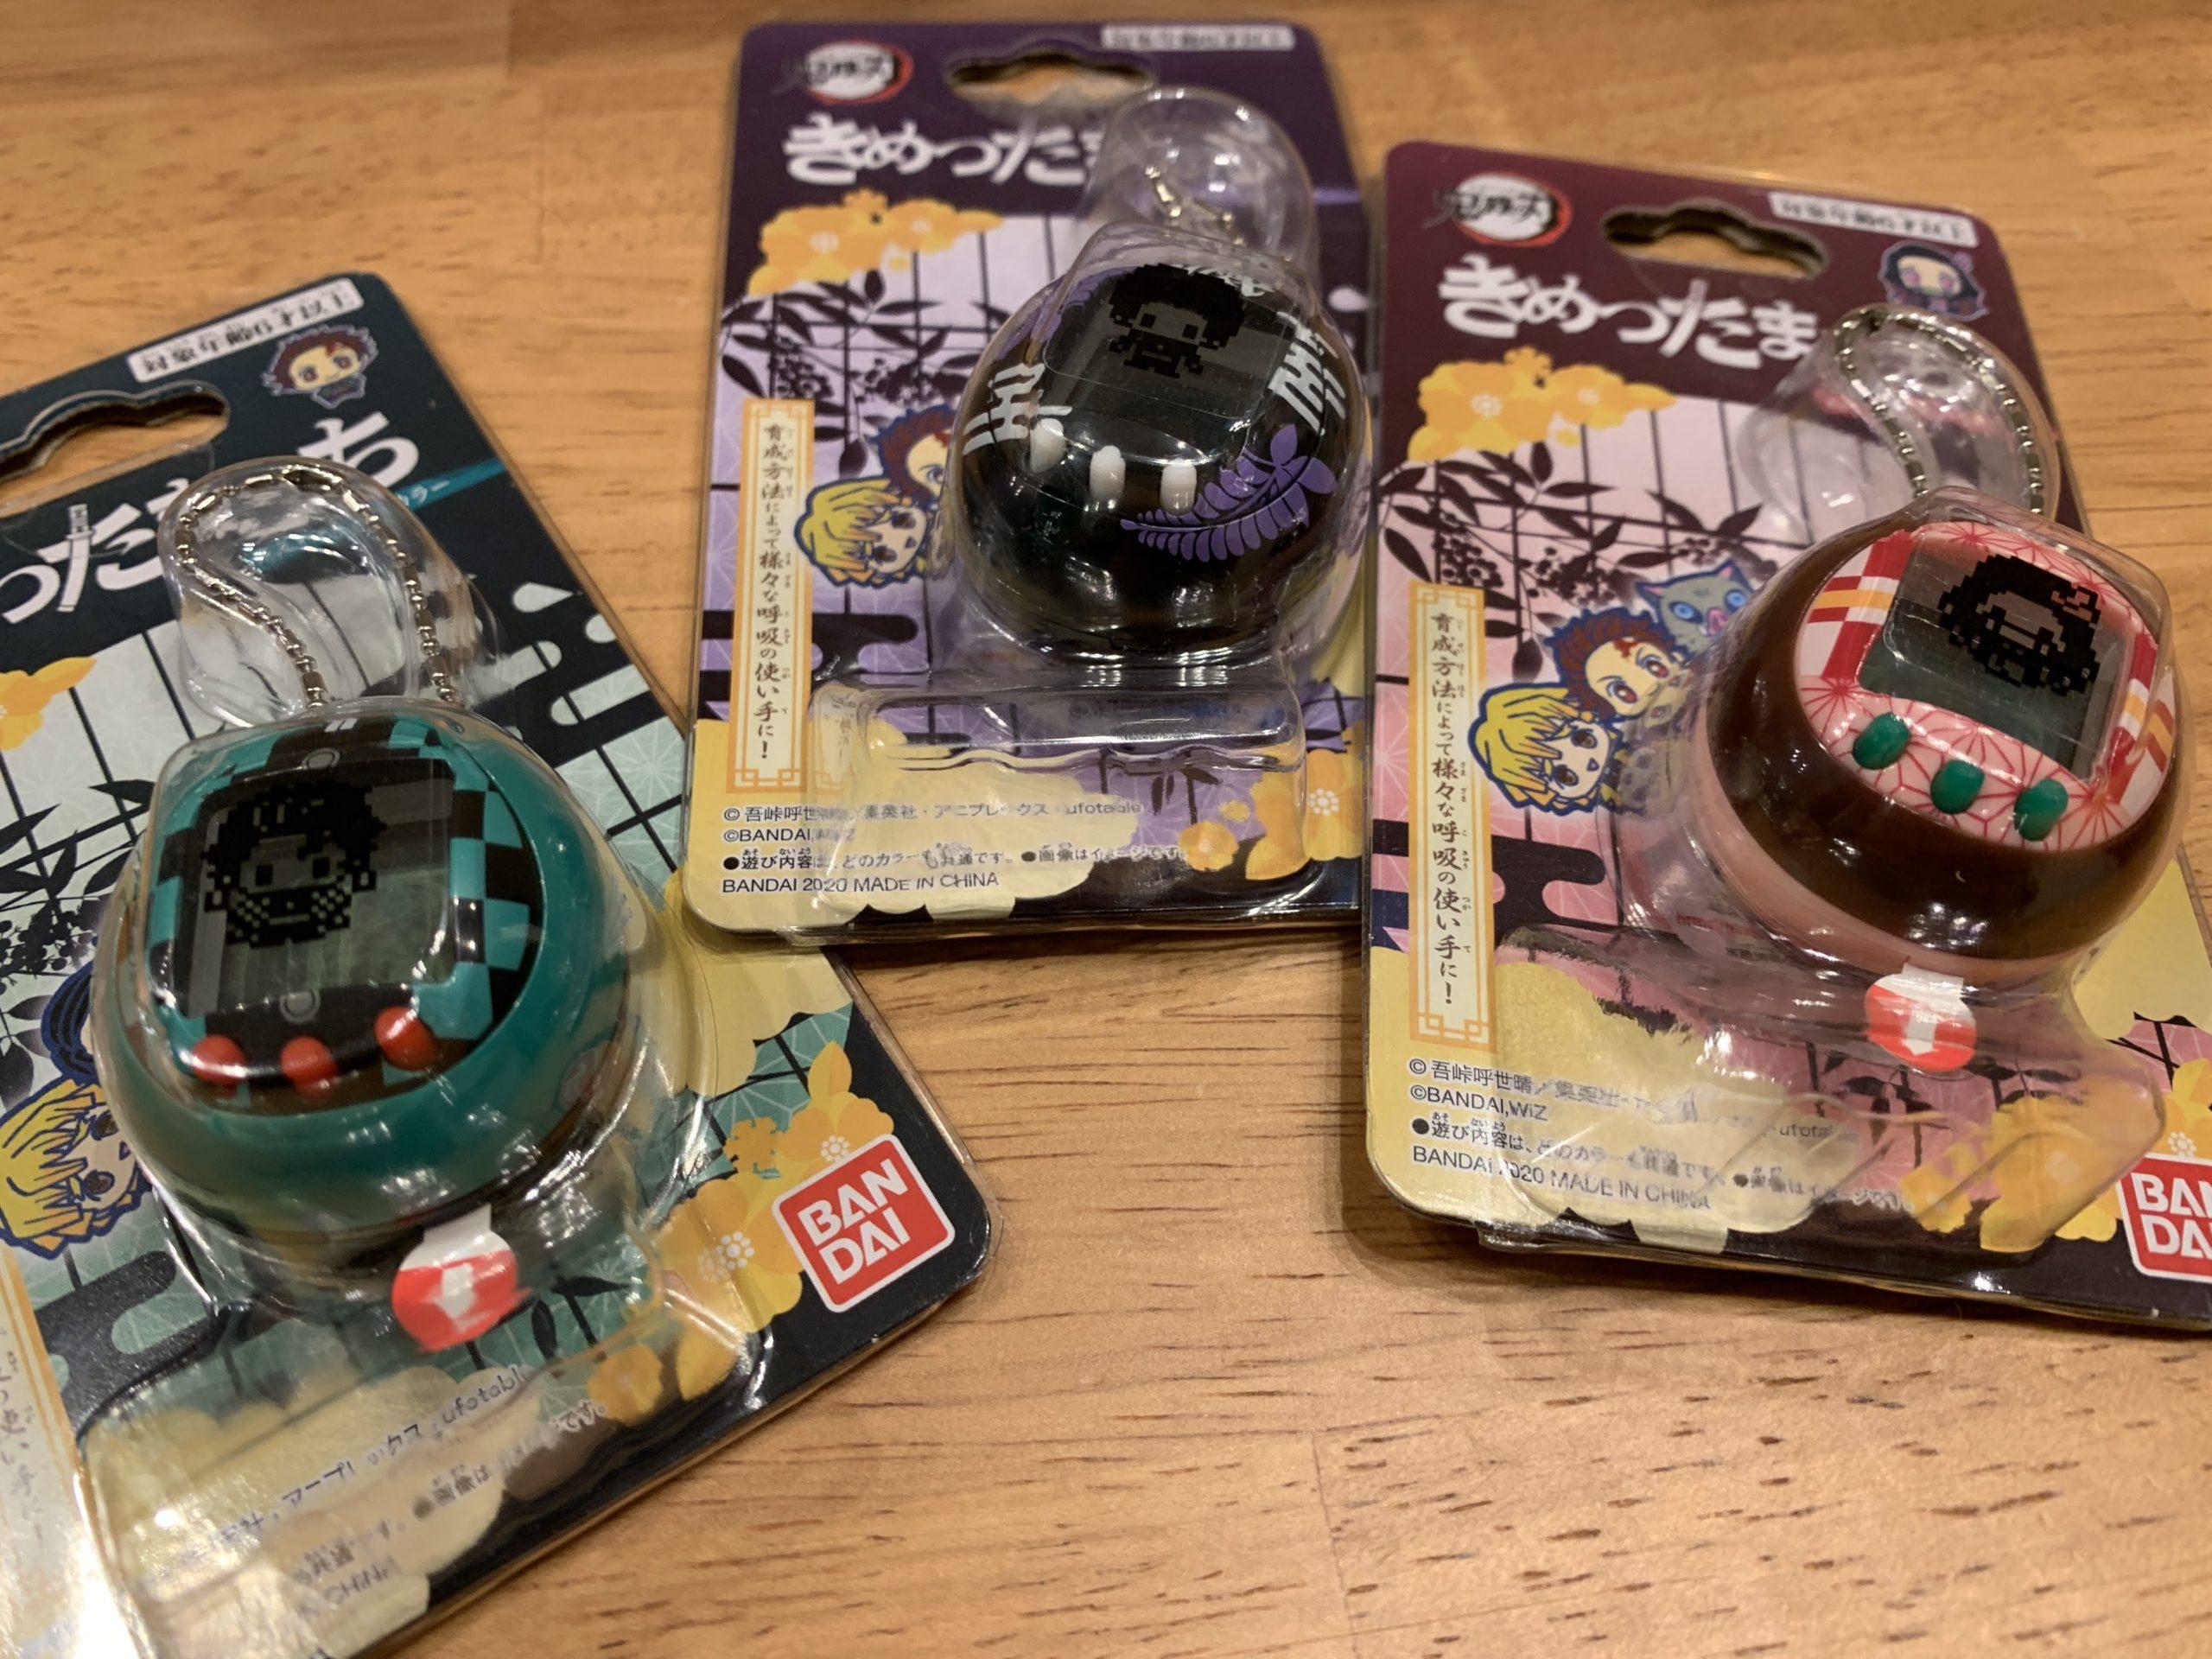 きめつたまごっち遊び方ガイド:育て方や電池交換、時計操作は?